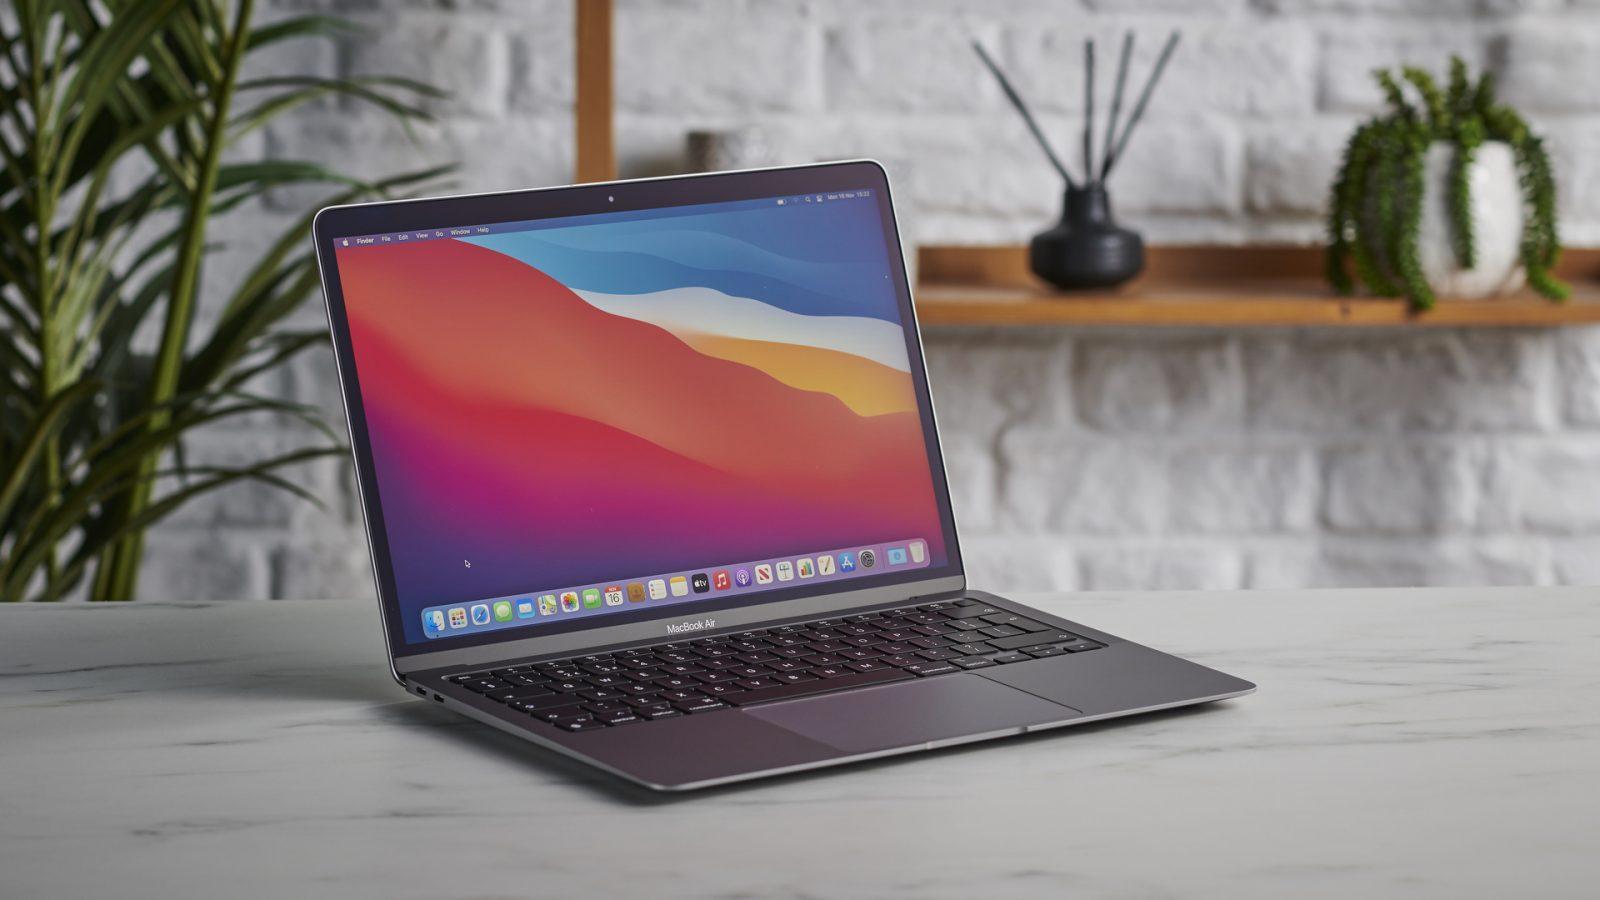 5 лучших ноутбуков 2020 года (gPvyaz76tASn87RCGuSdDc)